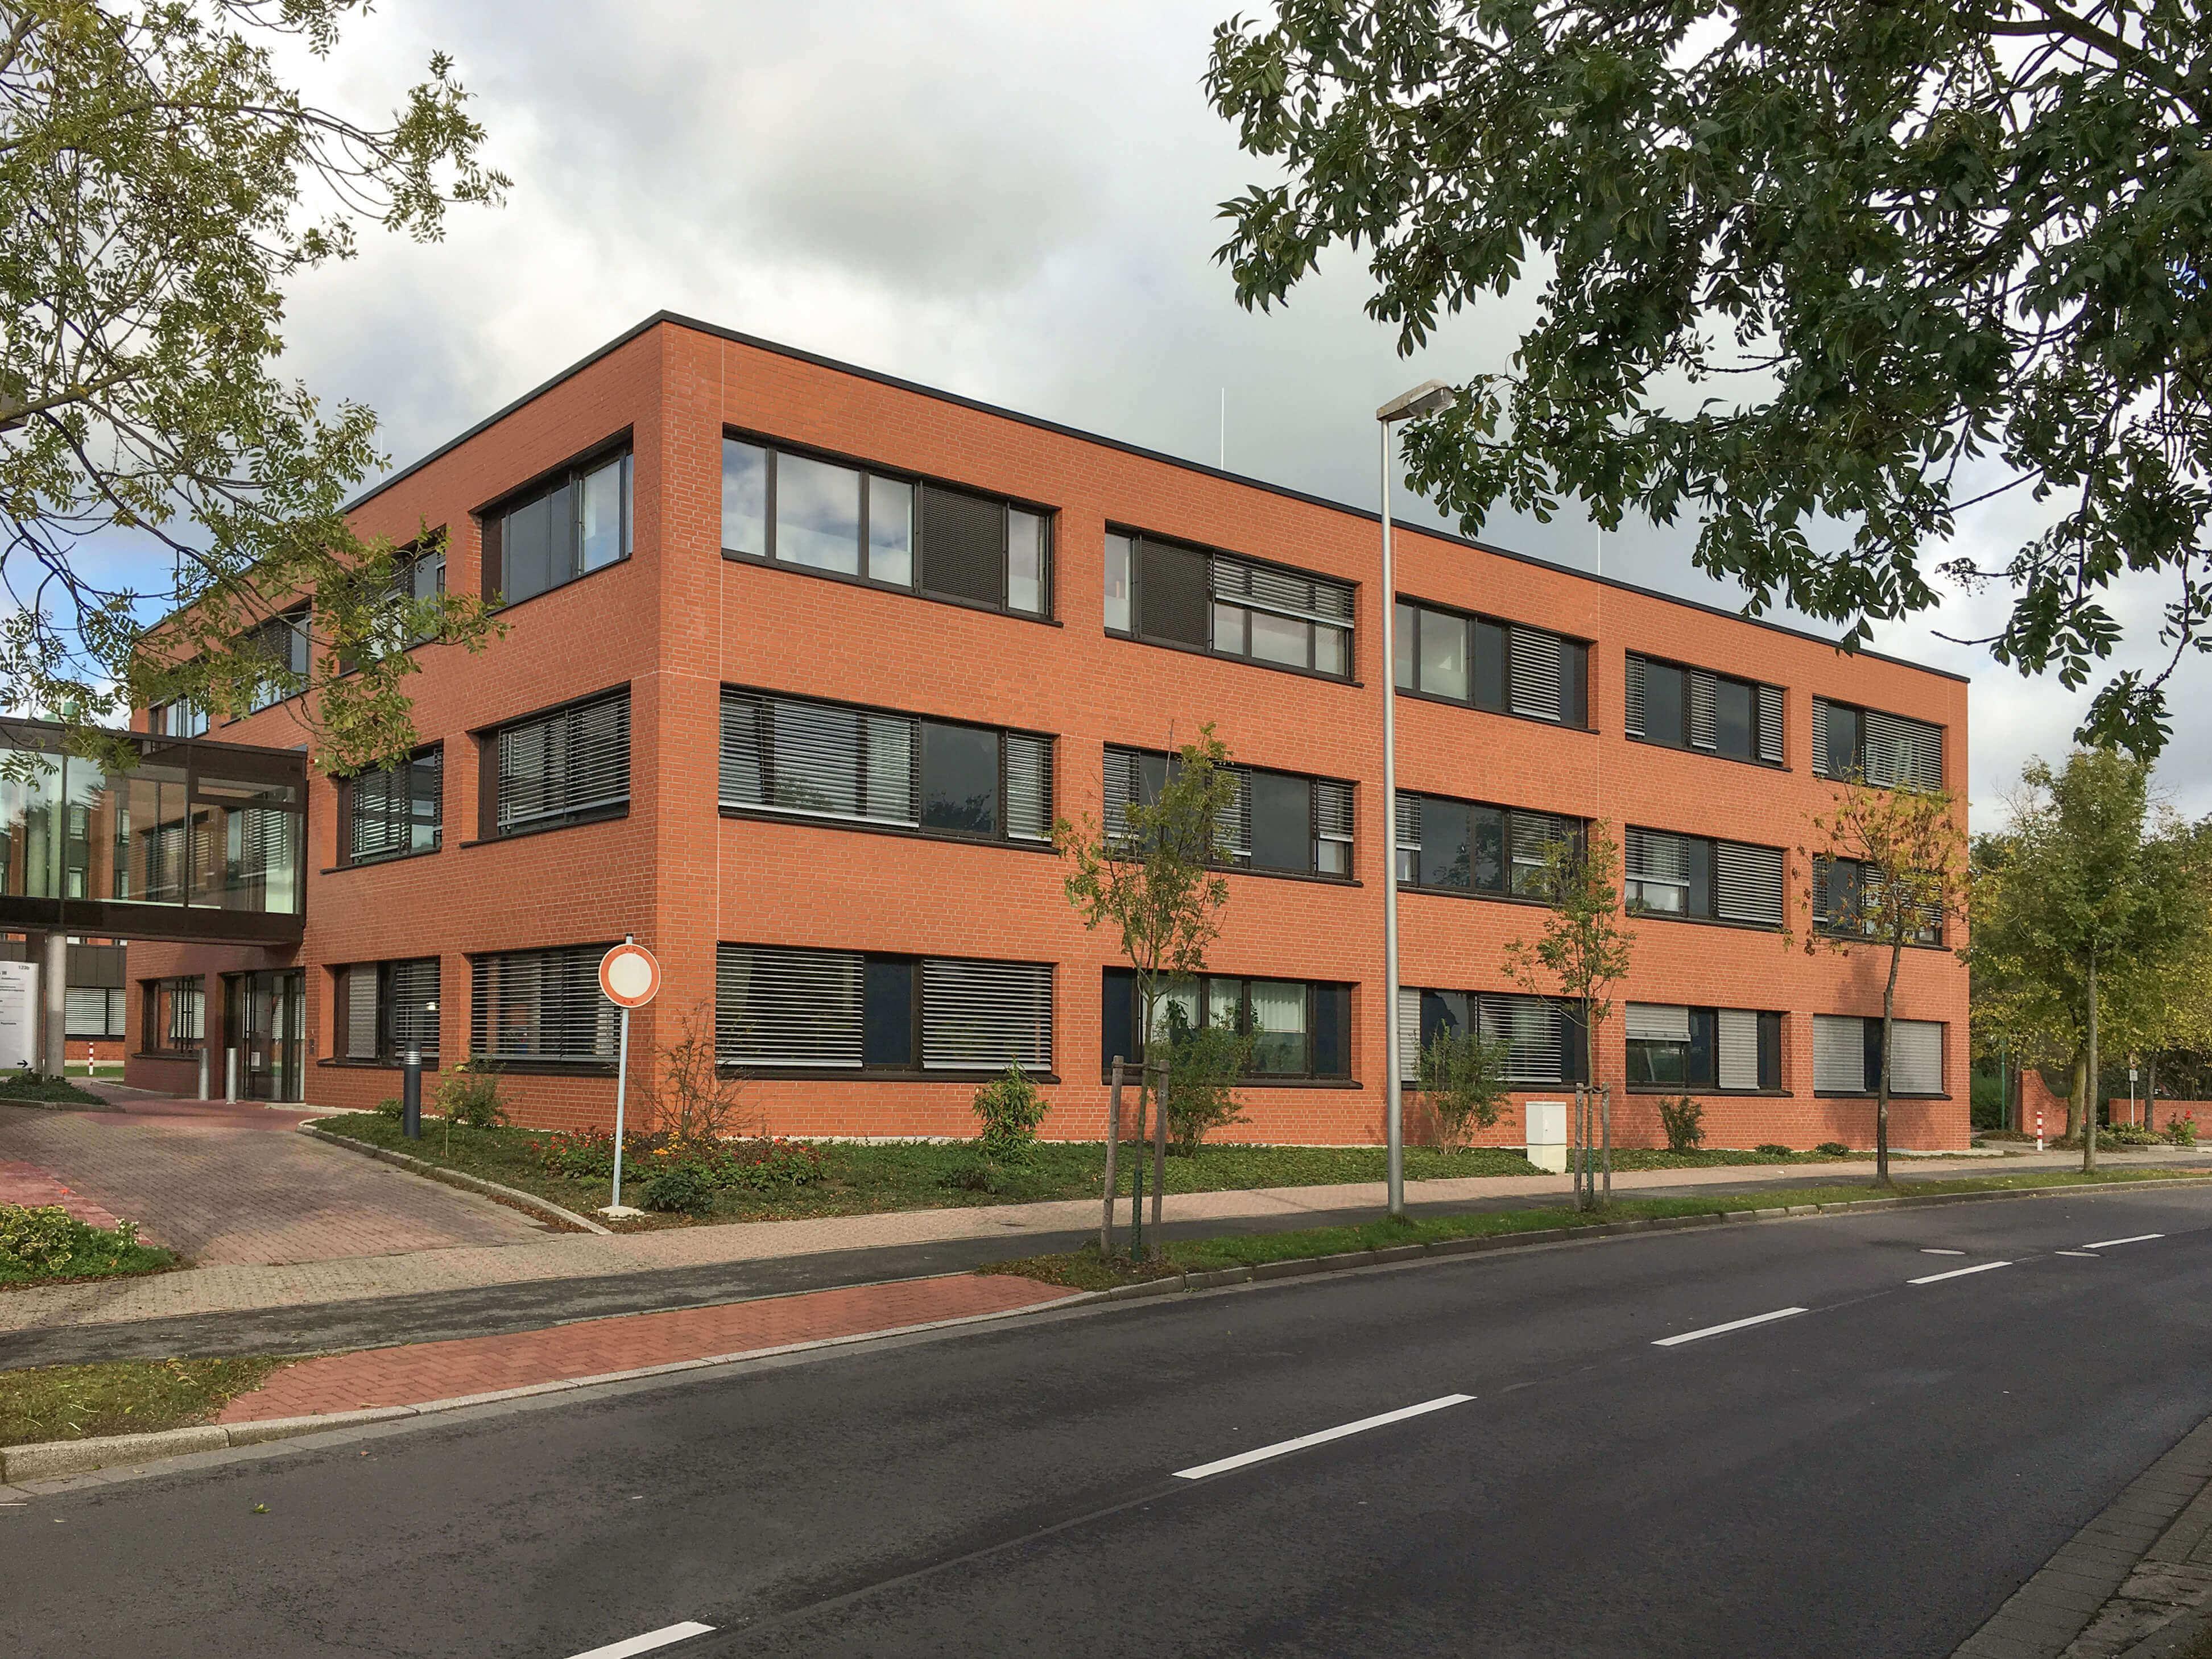 01-Ärztehaus-III